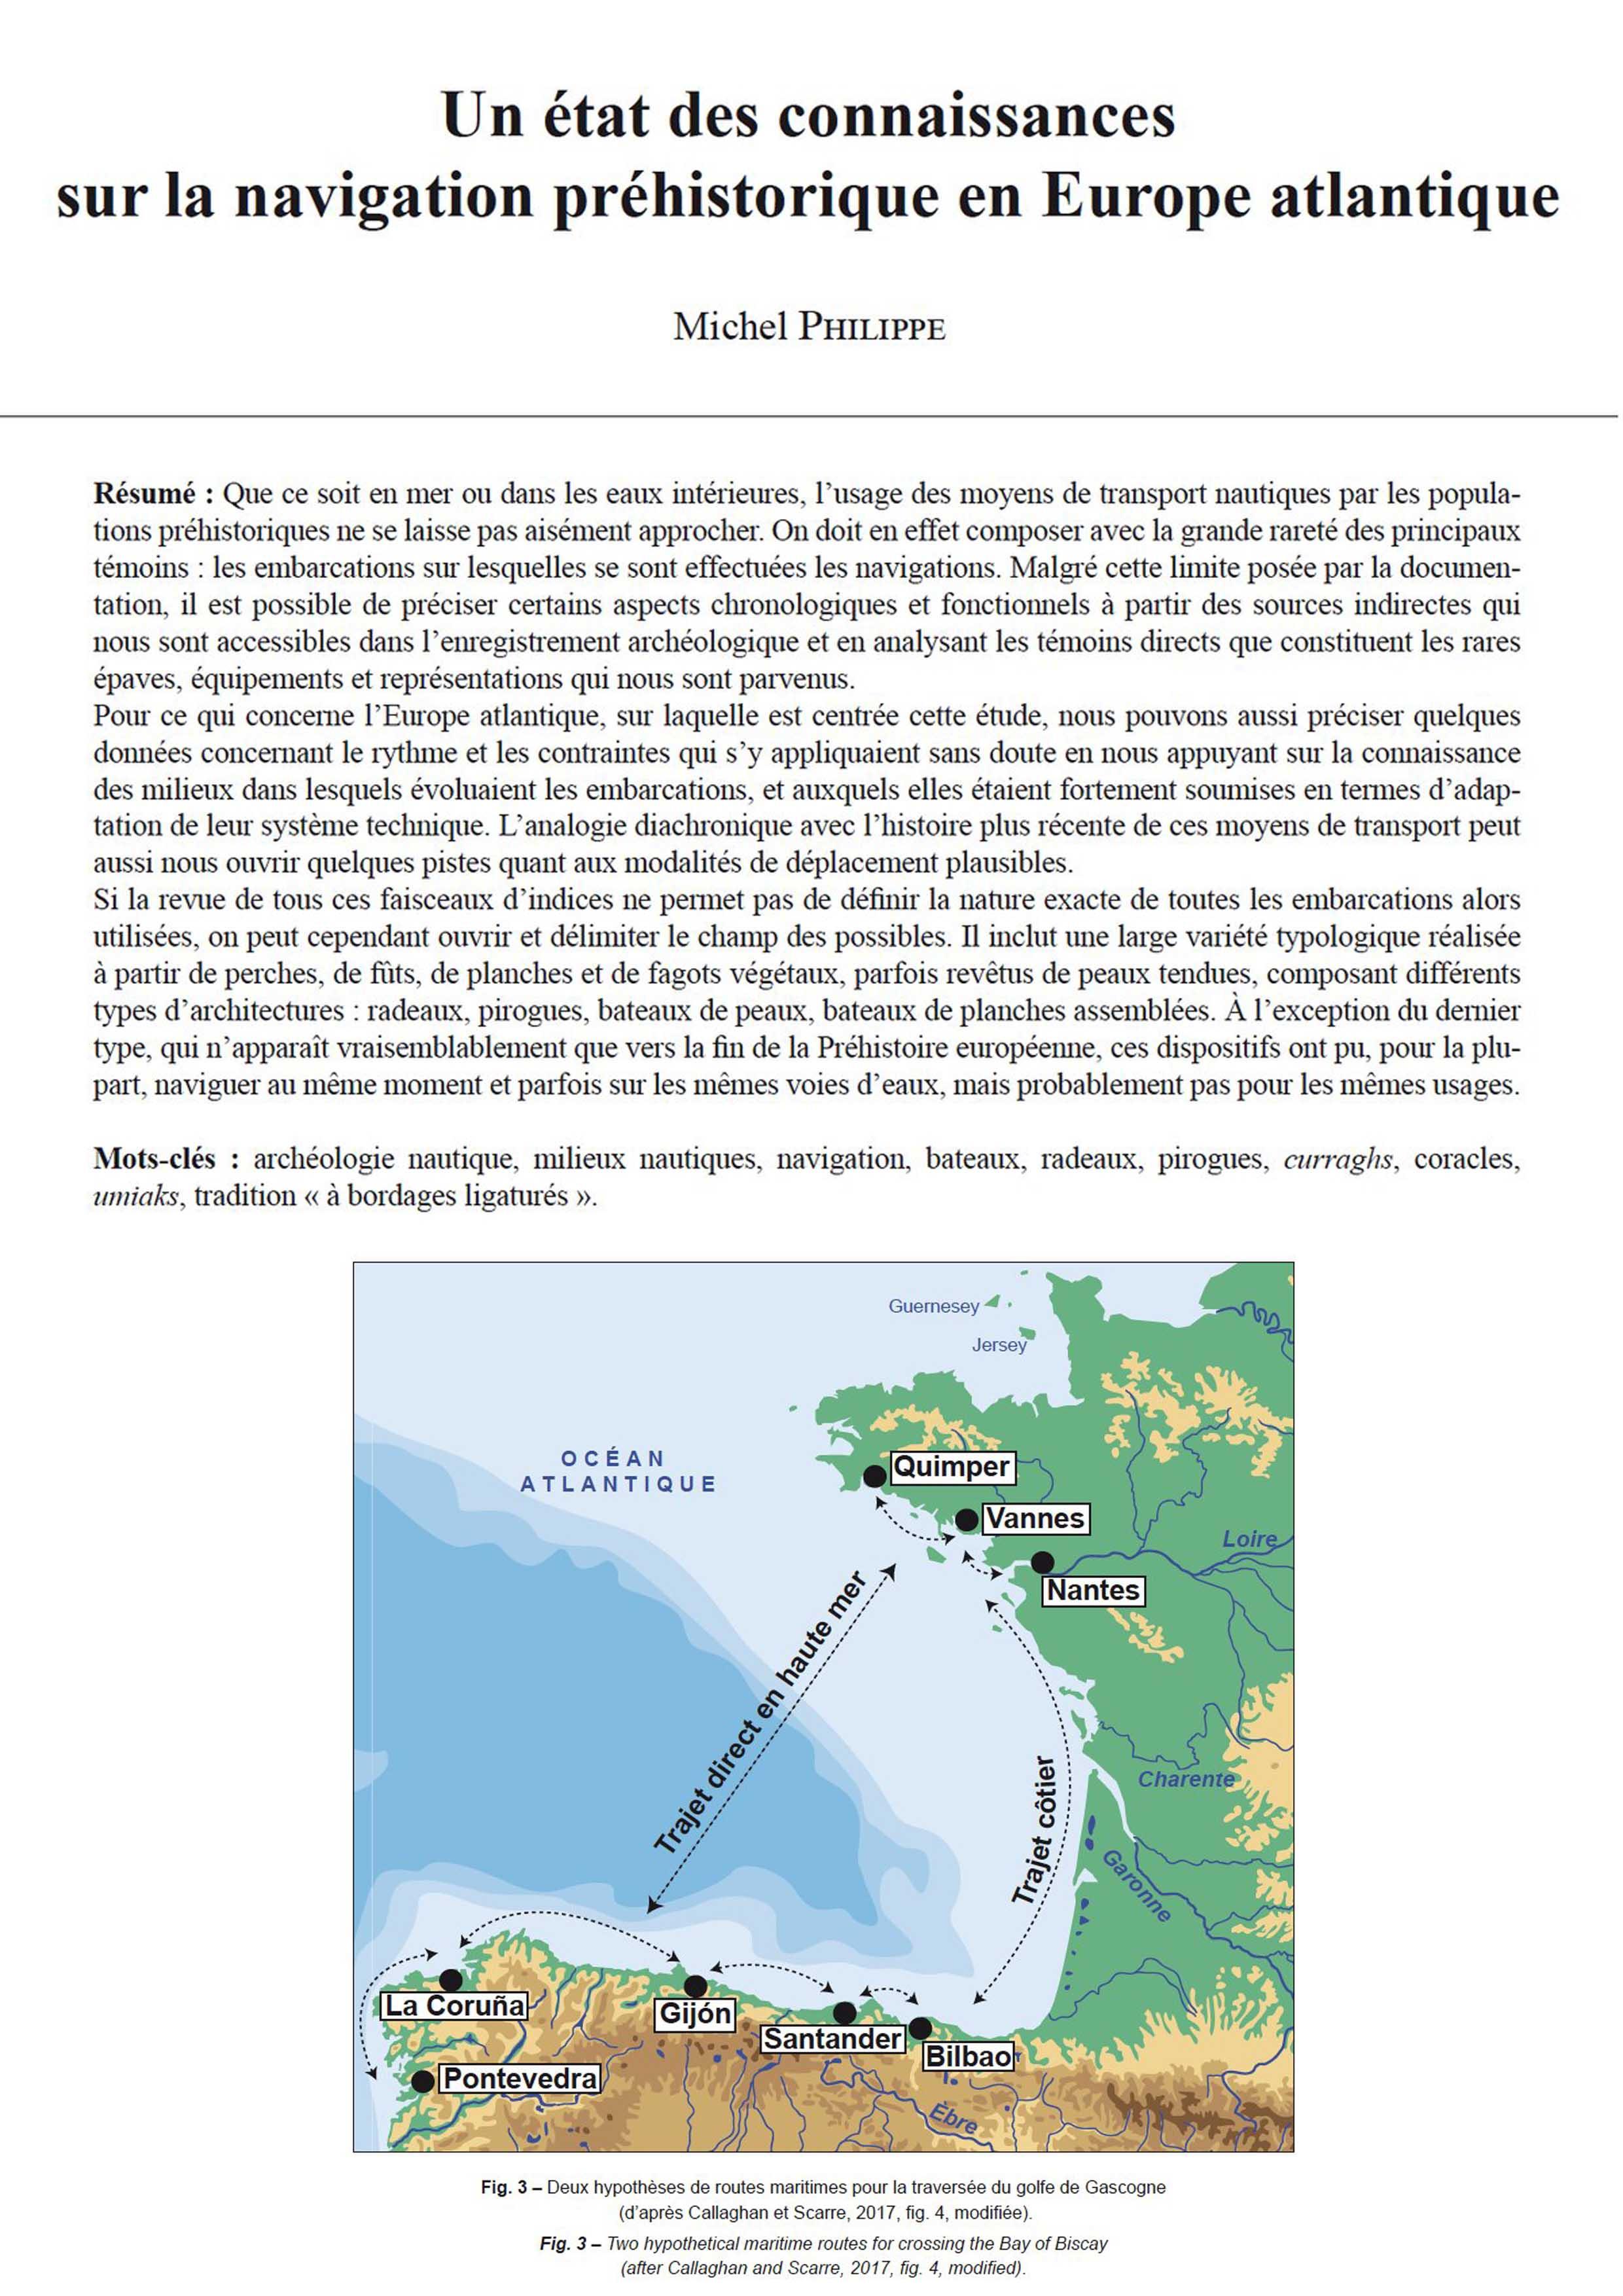 Pourquoi Pas De Volets En Irlande 17-2018, tome 115, 3, p. 567-597 - michel philippe – un état des  connaissances sur la navigation préhistorique en europe atlantique